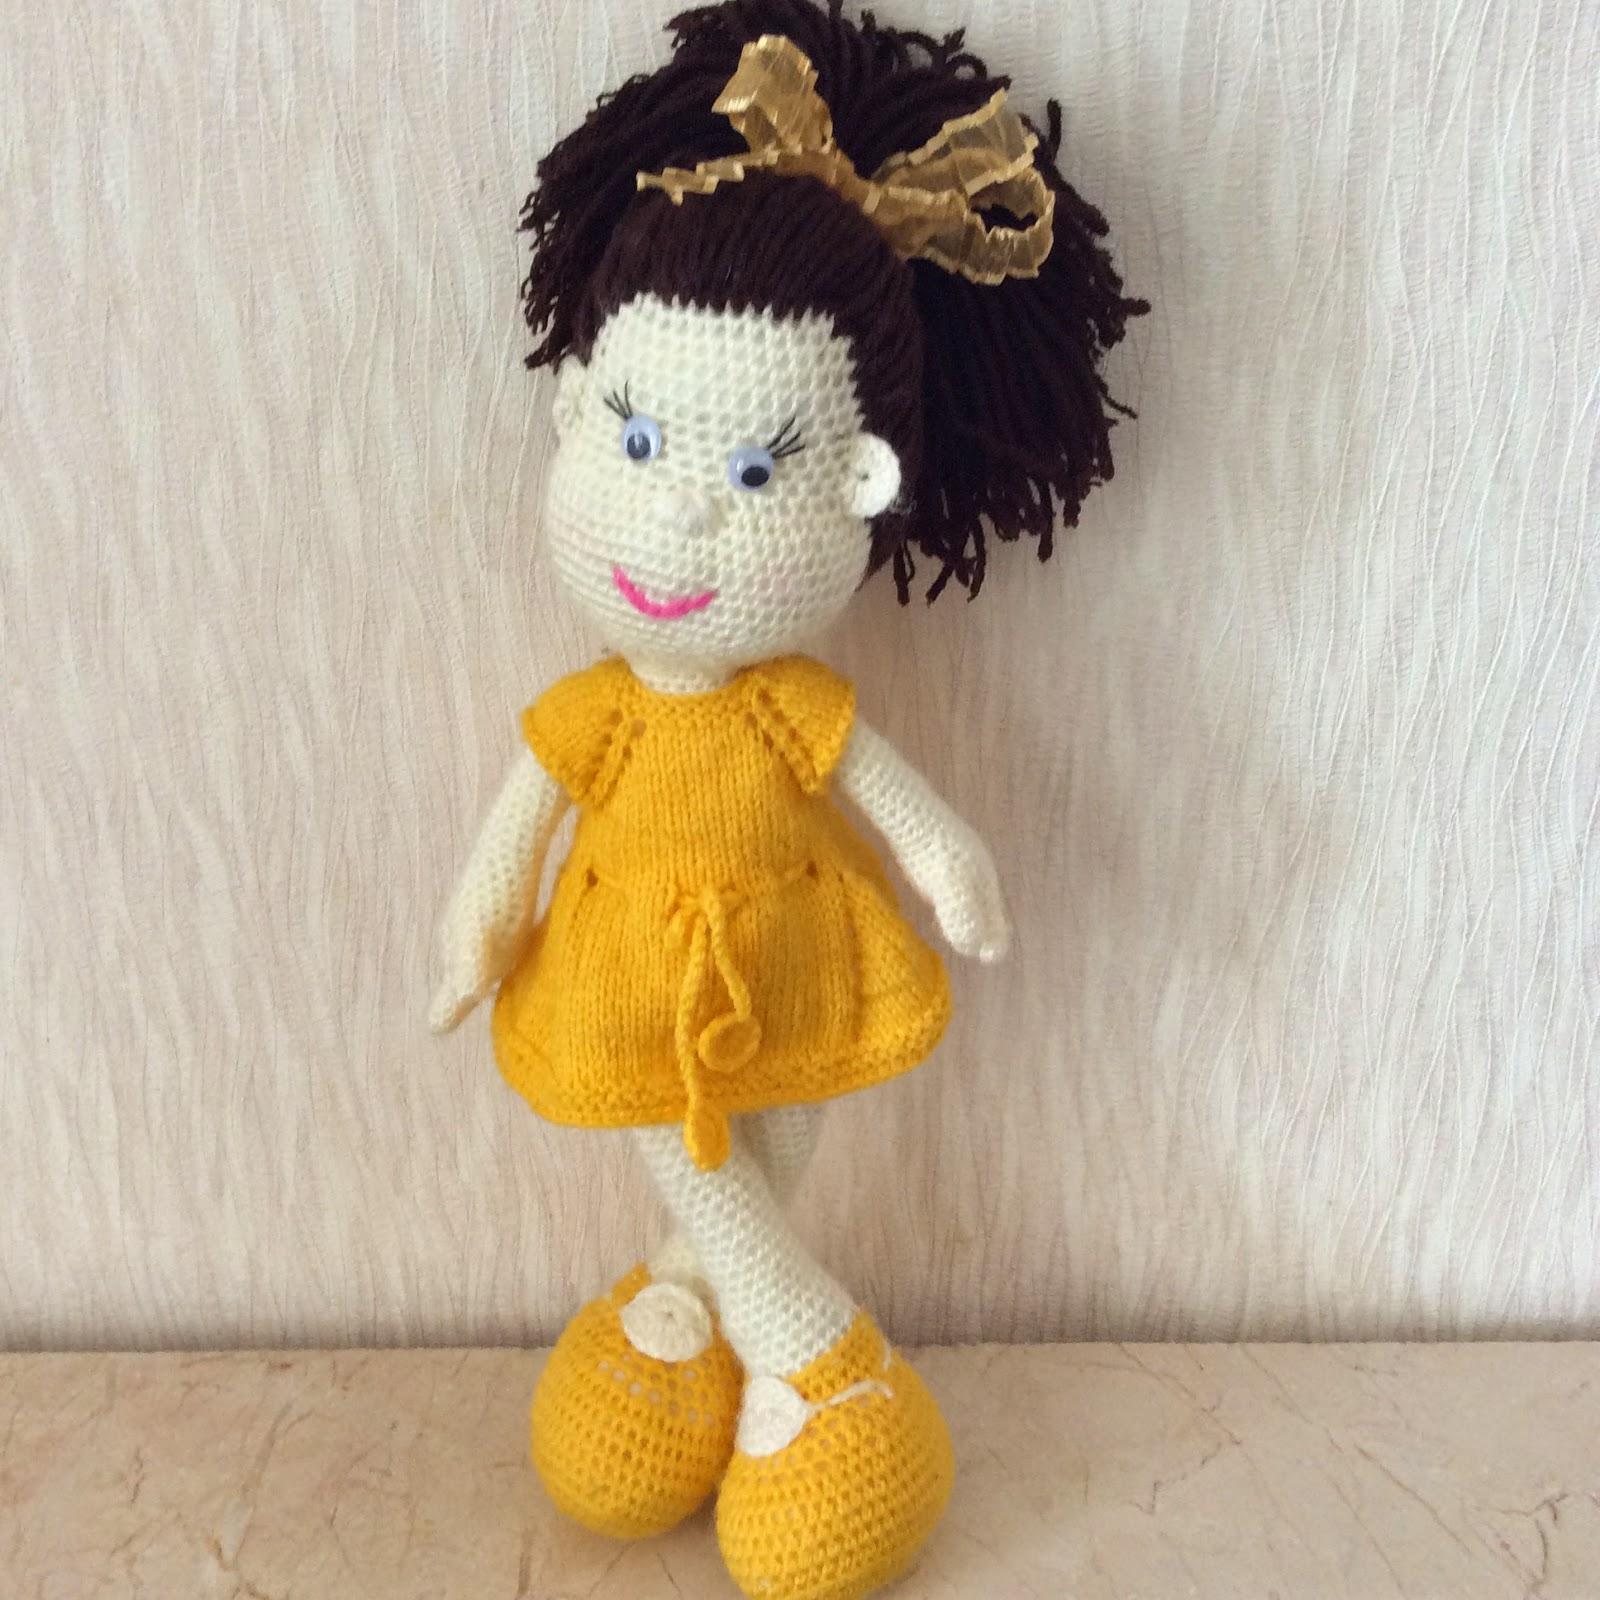 2.Amigurumi Lol Bebek Yapımı Dudak, Göz ve Saç - YouTube   1600x1600